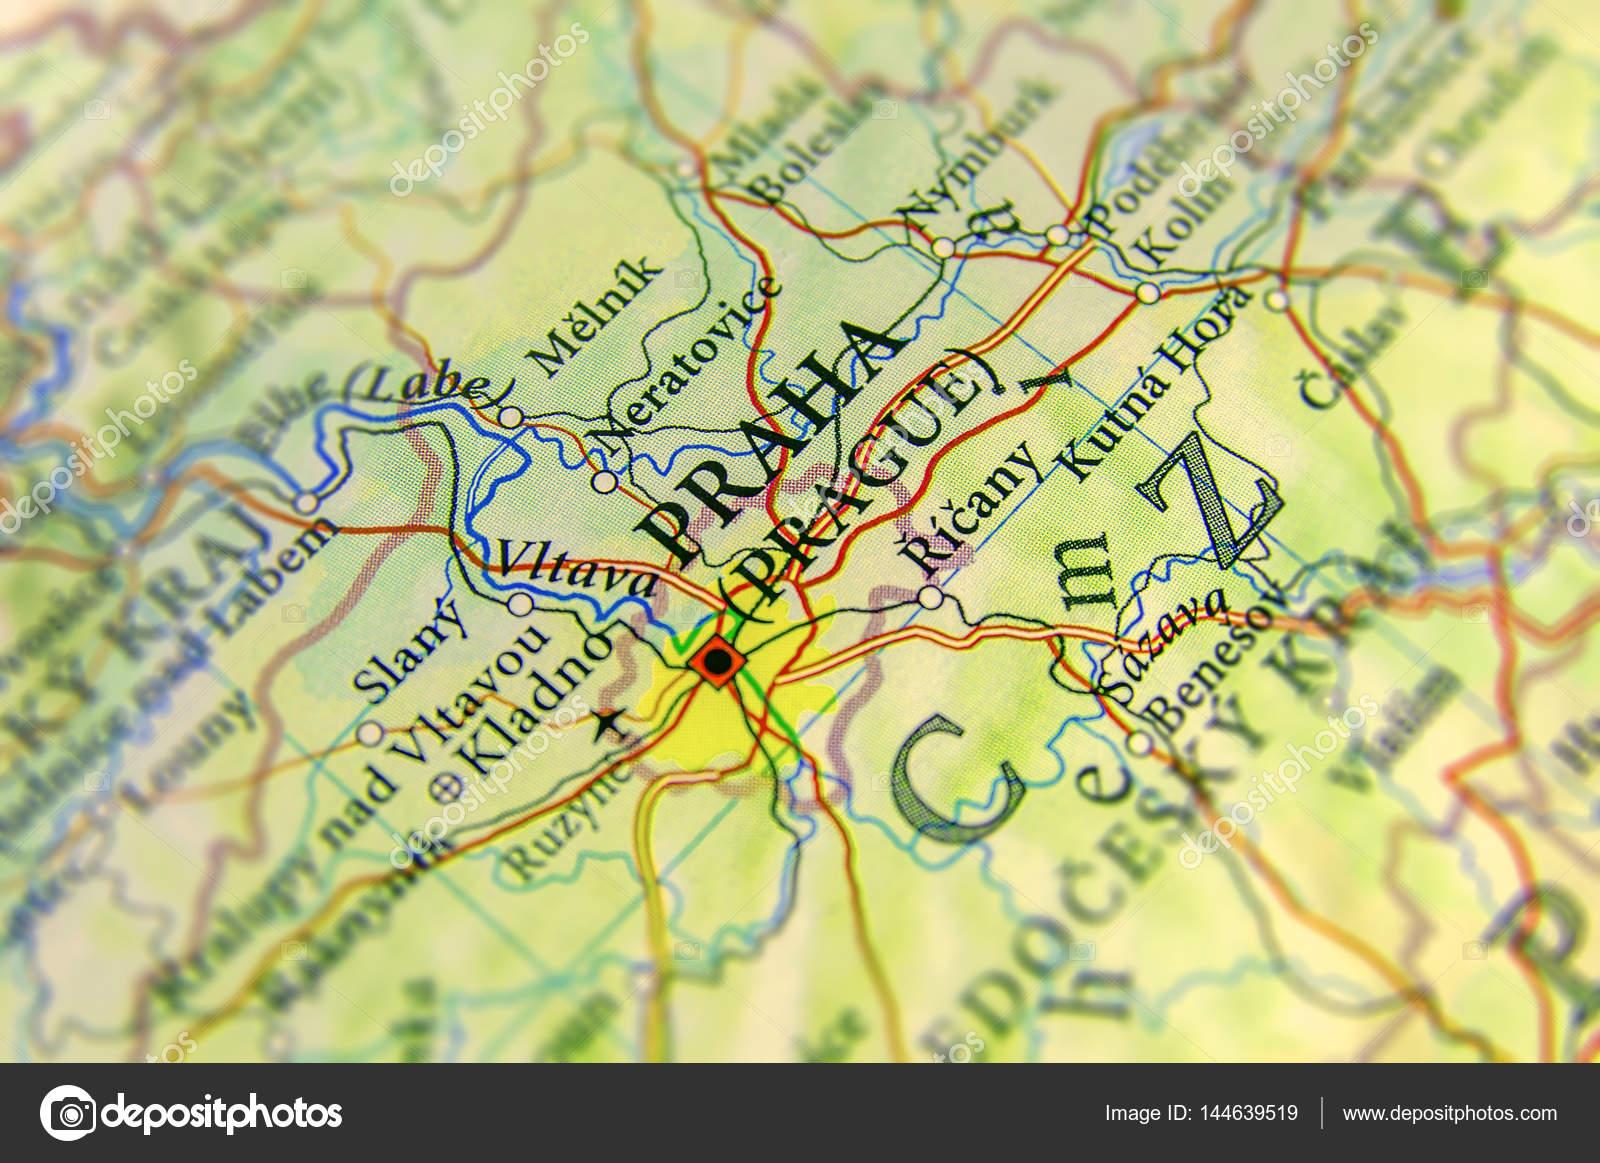 Prag Karte Tschechien.Geographische Karte Der Europäischen Land Tschechien Mit Prag Cit